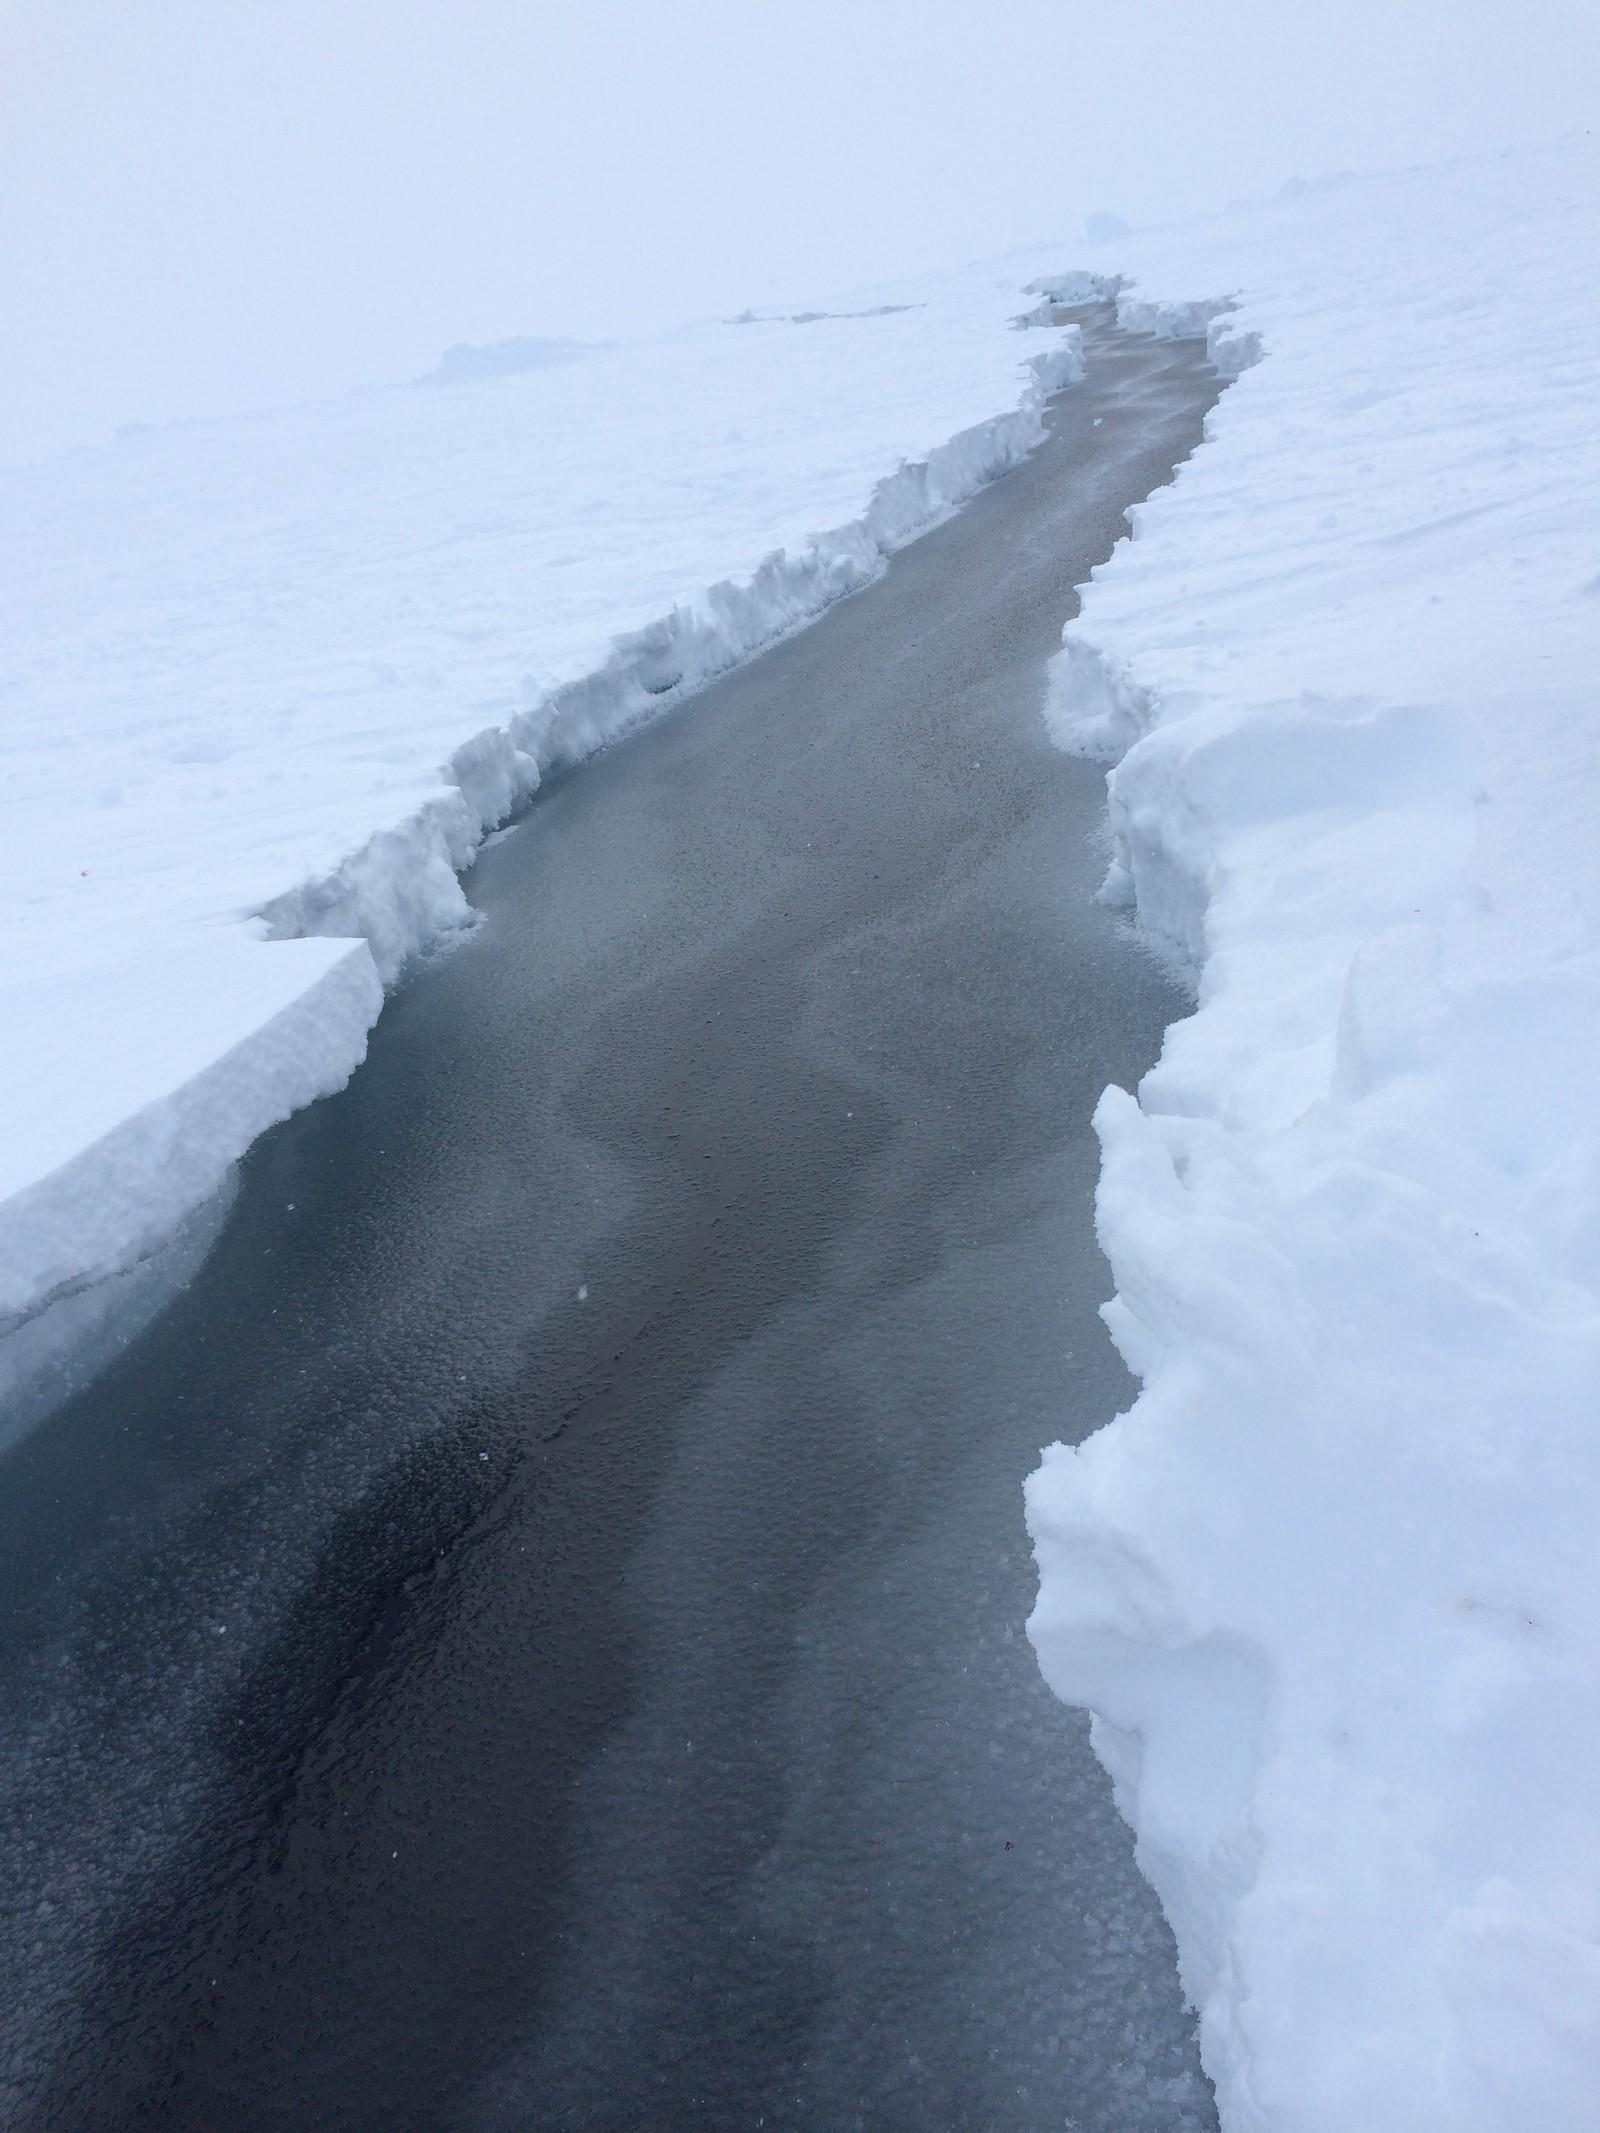 På grunn av sprekker i isen måtte løypen for løpet endres flere ganger. Lise følte seg trygg hele tiden og forteller at arrangørene hadde god kontroll.